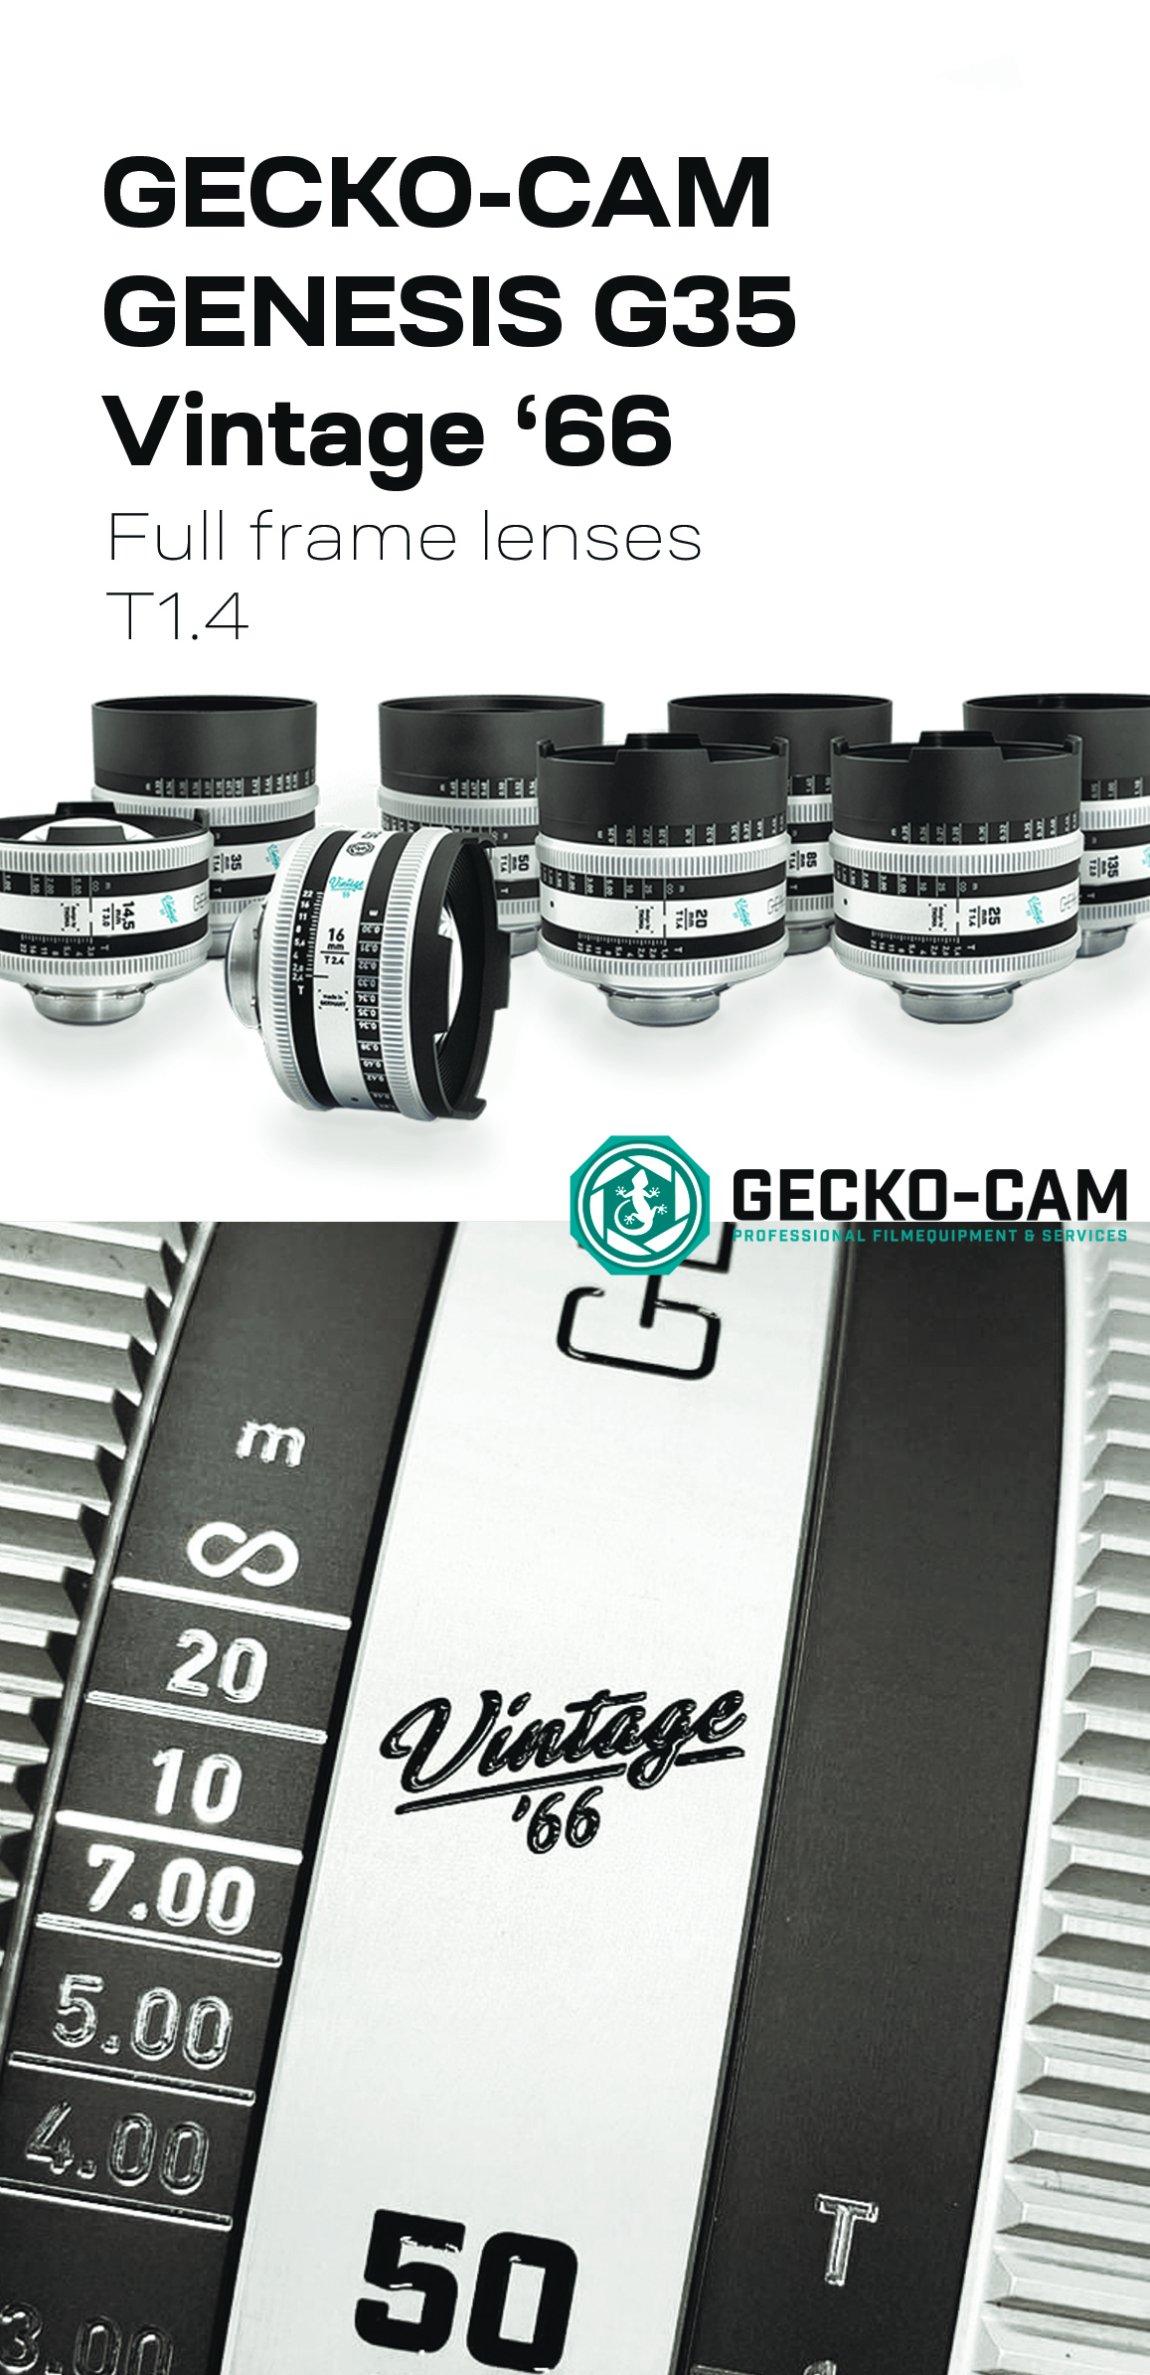 GECKO-CAM GENESIS G35 VINTAGE '66